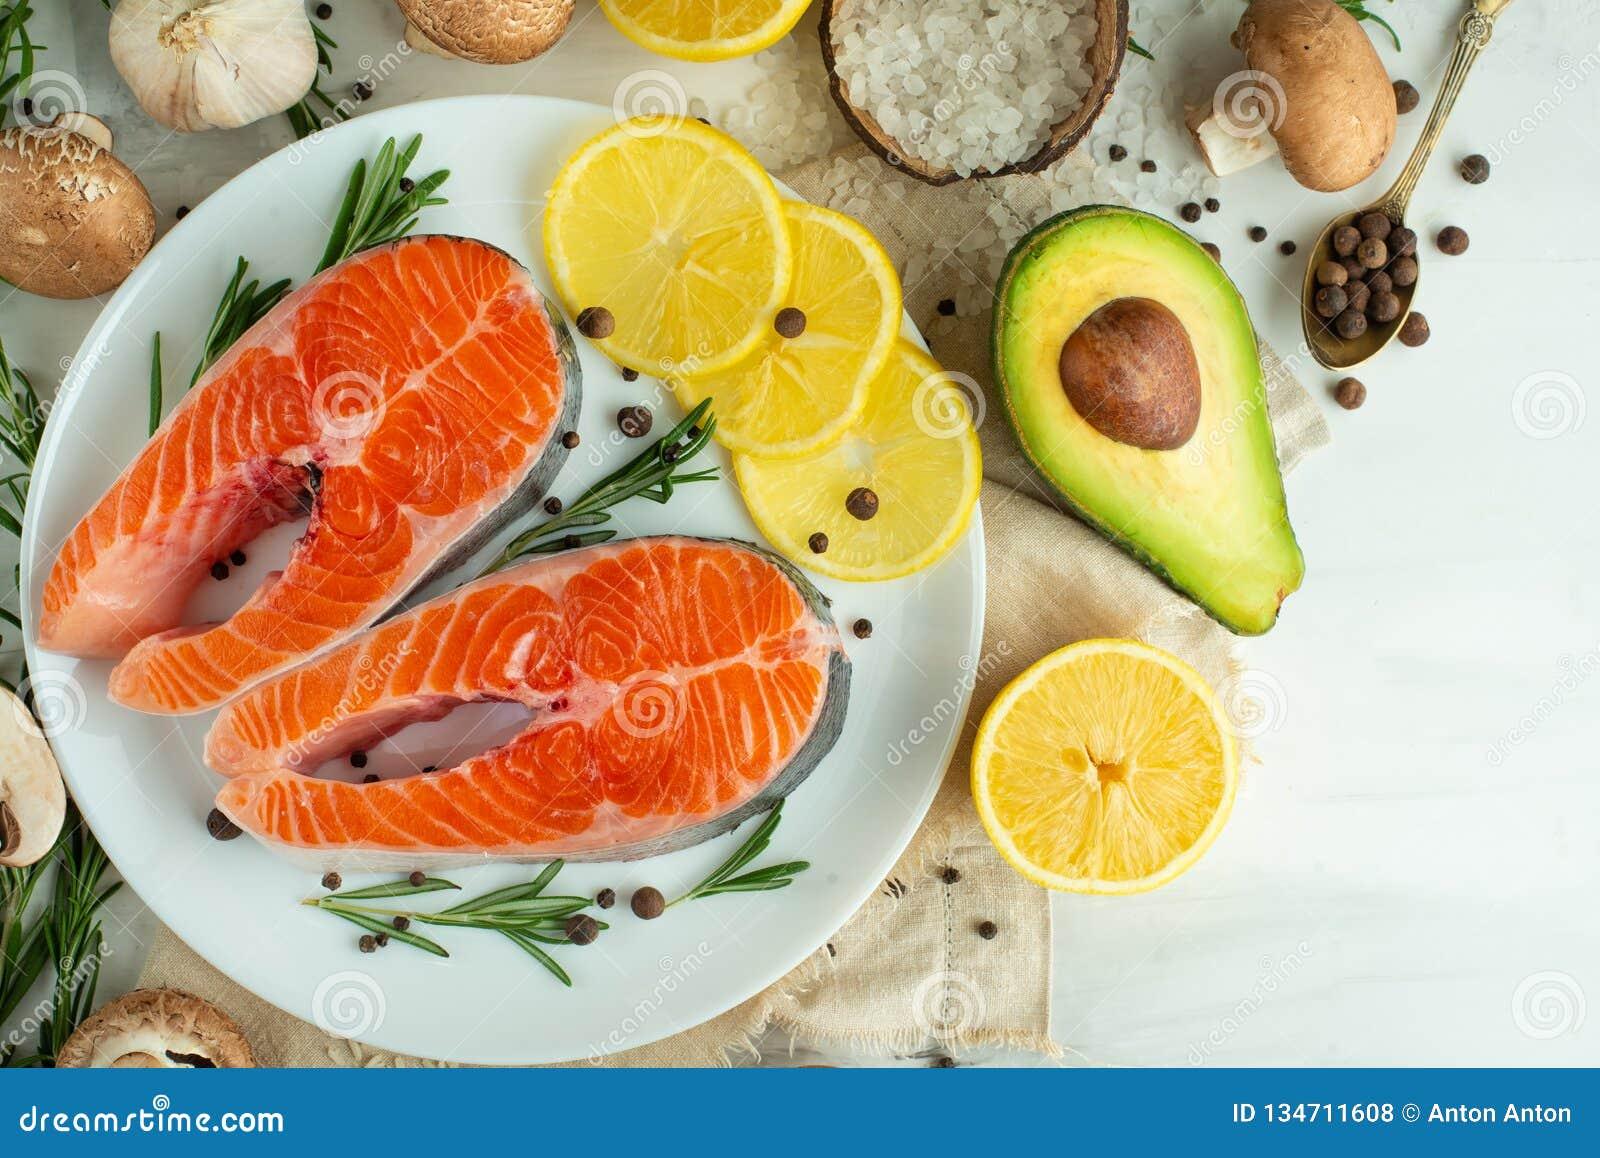 可口鲜鱼牛排,三文鱼,鳟鱼 菜、熟食店、素食主义者食物、饮食和Dotex